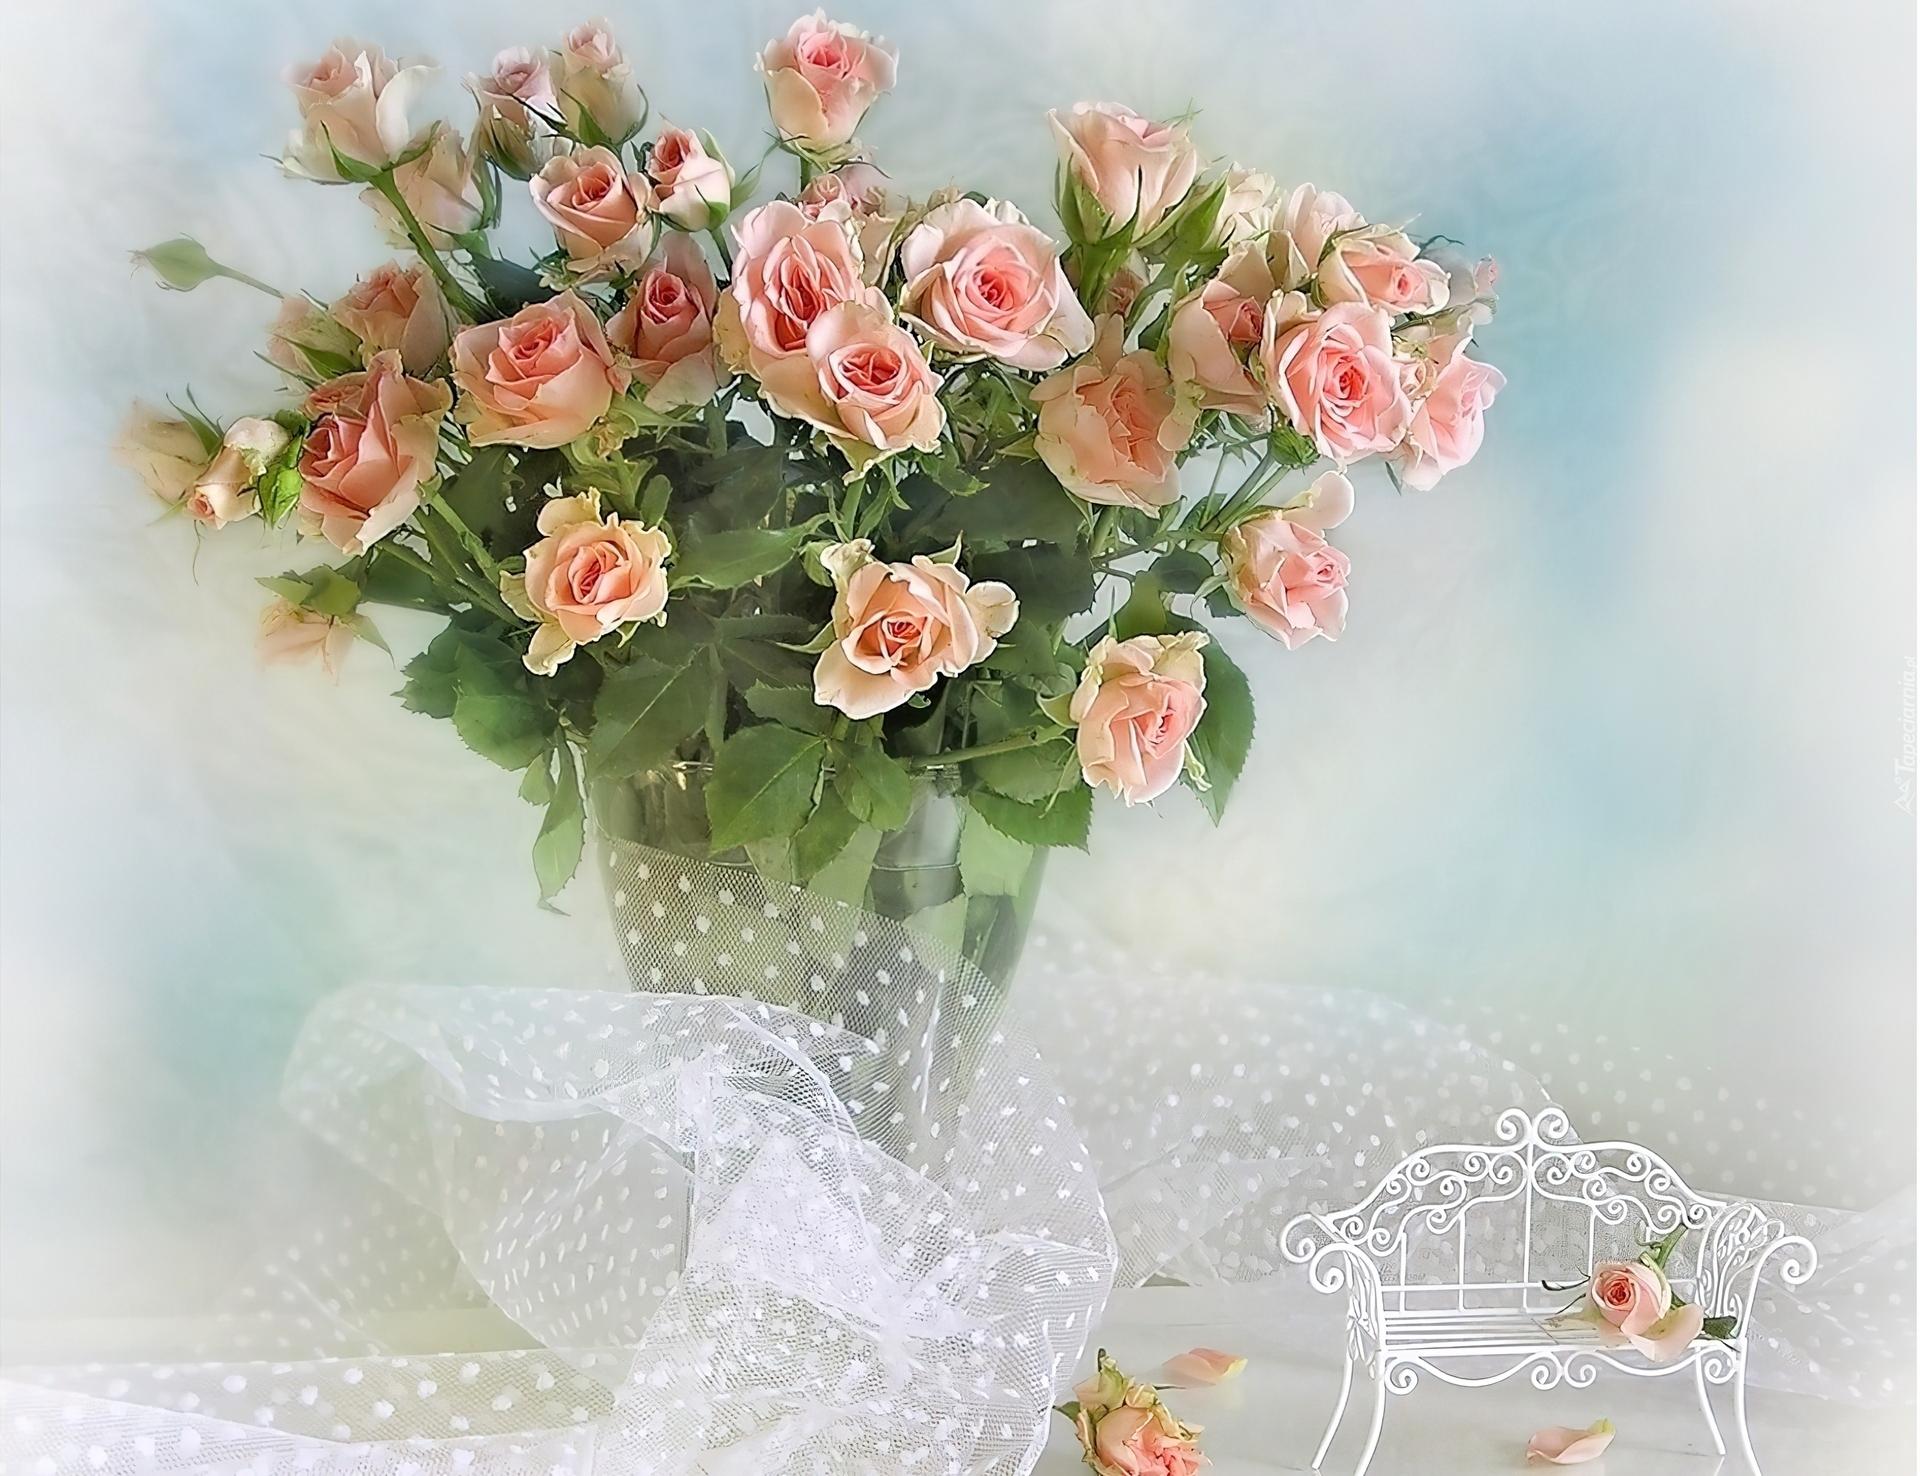 Поздравления с днем рождения женщине украинке